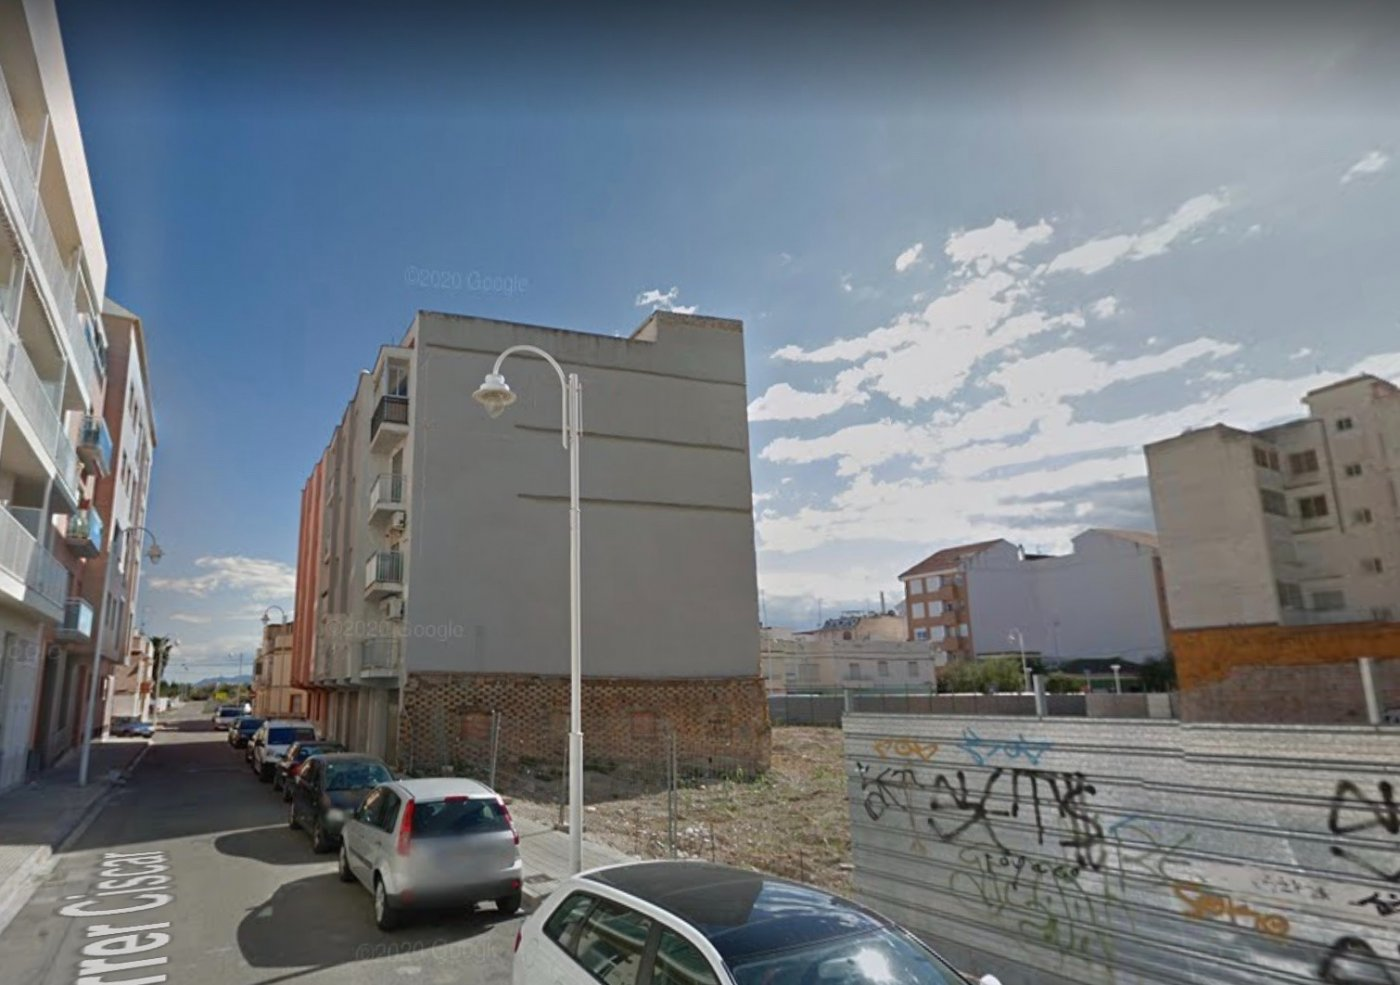 Suelo urbano  en venta en c. ciscar, 9, grao de gandía. edificabilidad total: 1.011 m2 - imagenInmueble0